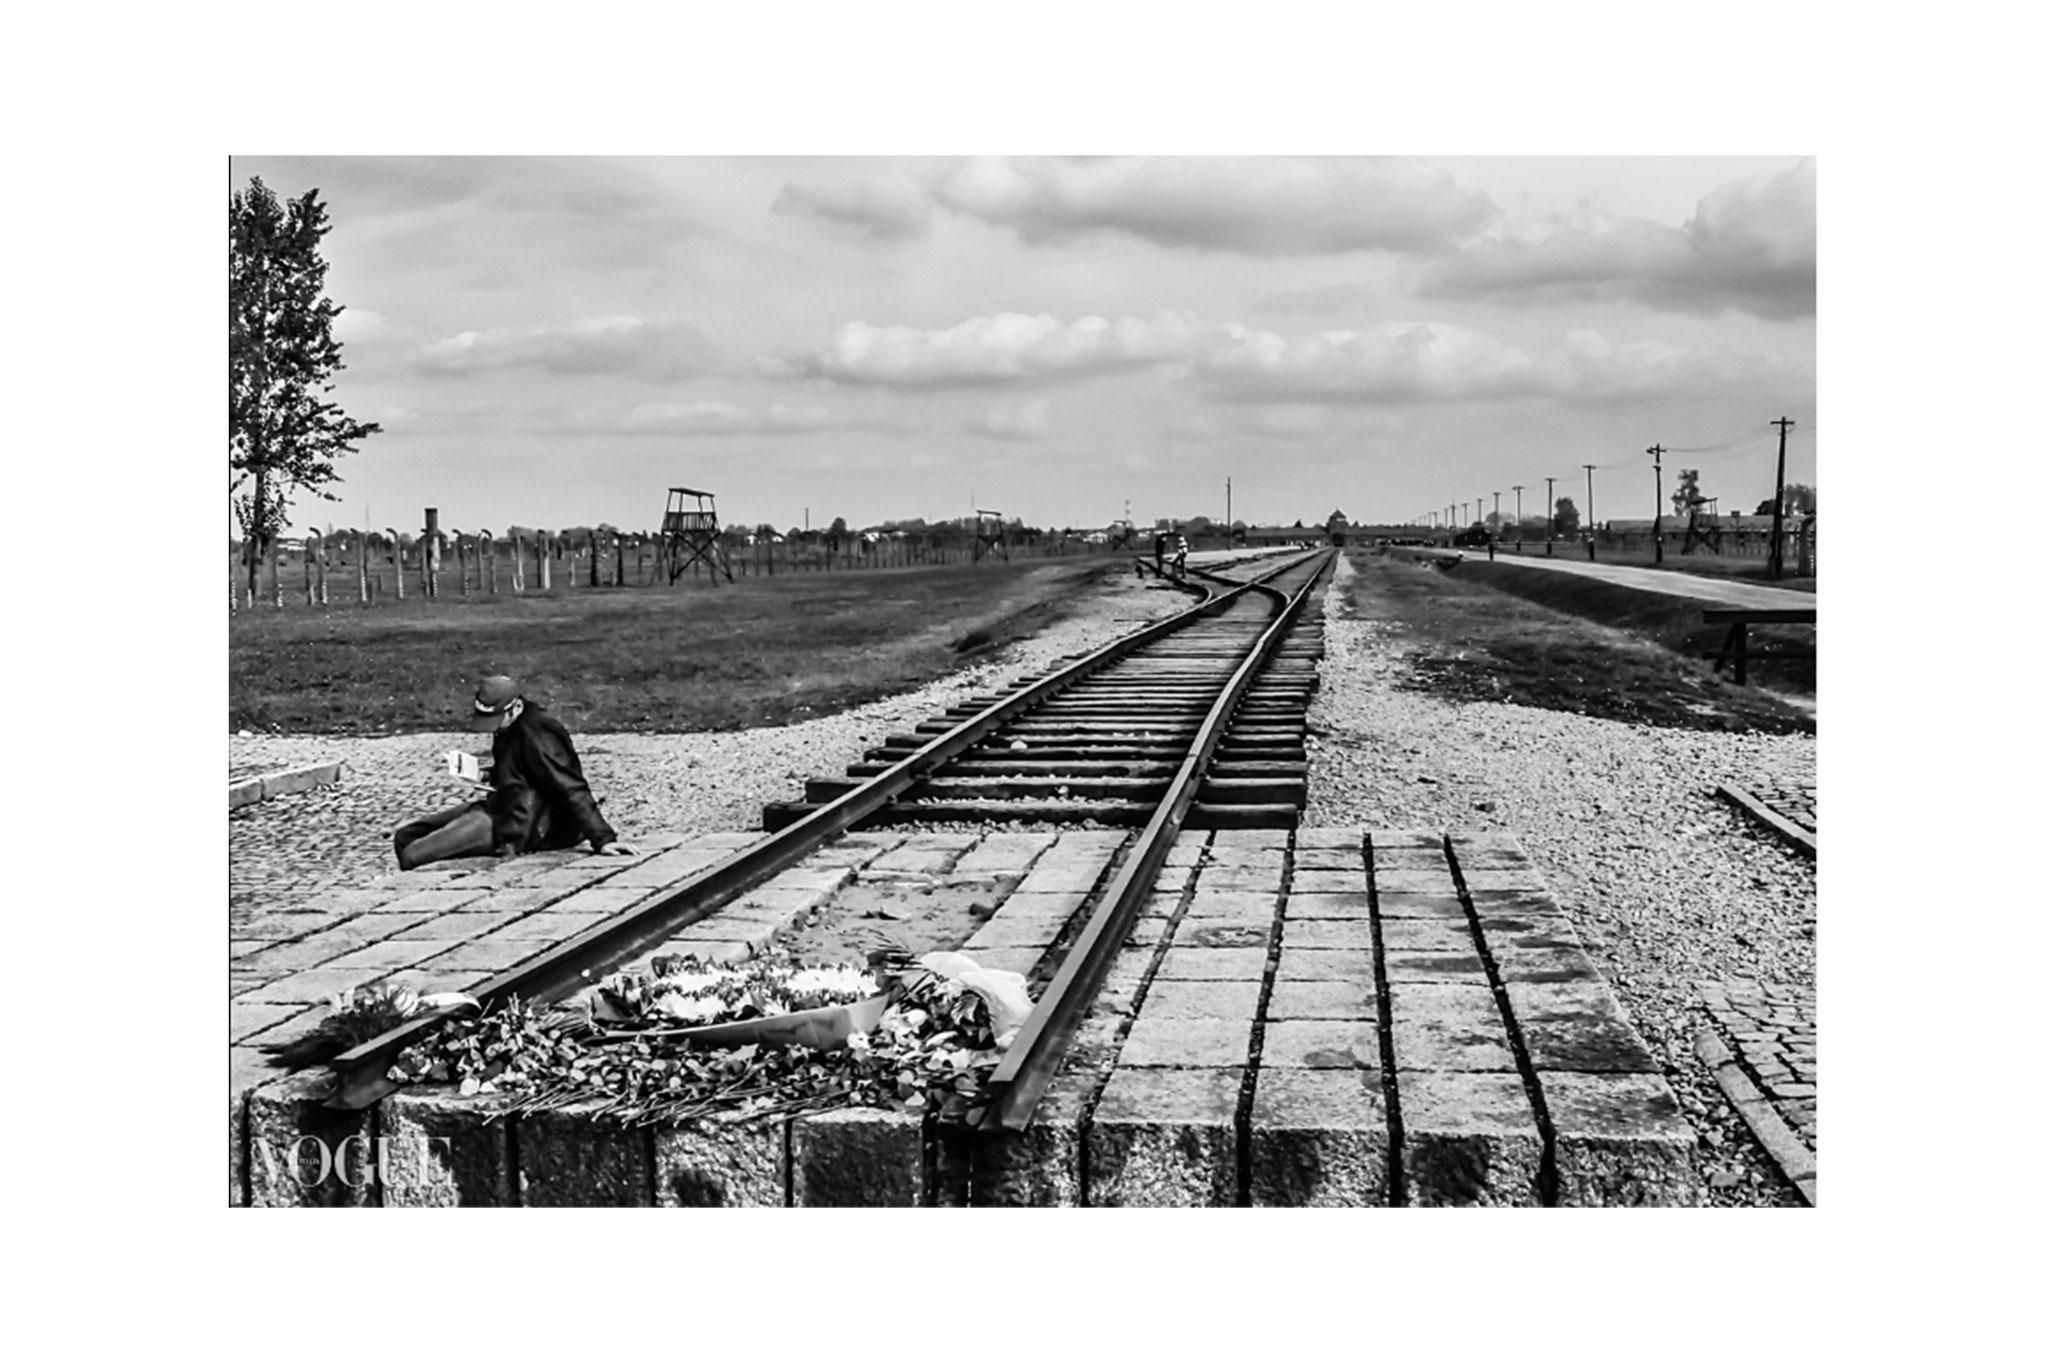 """""""...E Adesso Sono Nel Vento..."""", Per Non Dimenticare: Auschwitz II - Birkenau. 27 Gennaio - Giorno Della Memoria ~ PhotoVogue Italia by VOGUE"""